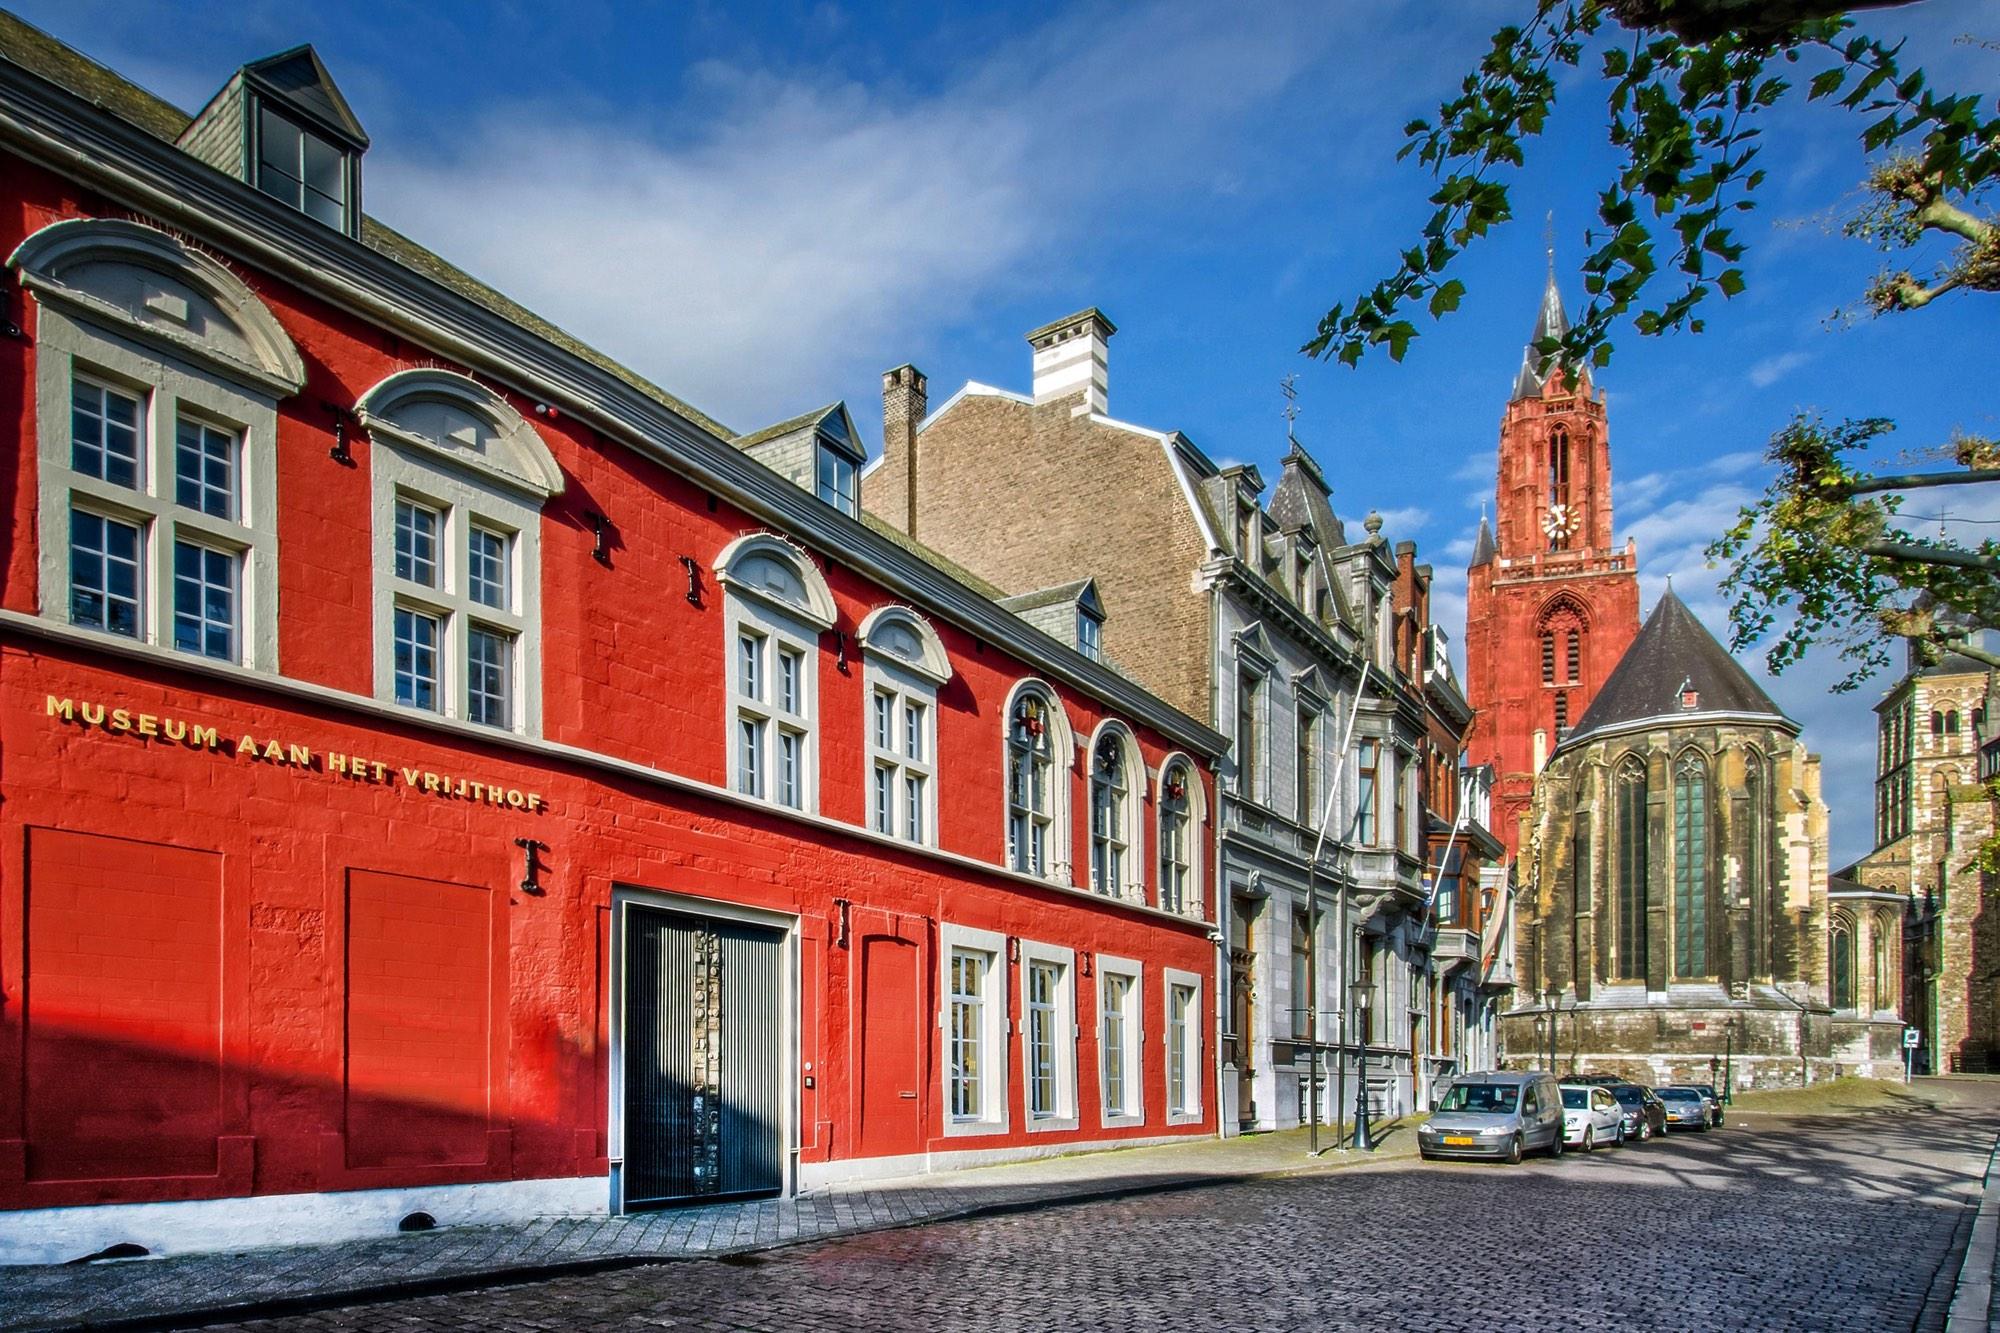 Museum aan het Vrijthof in Maastricht